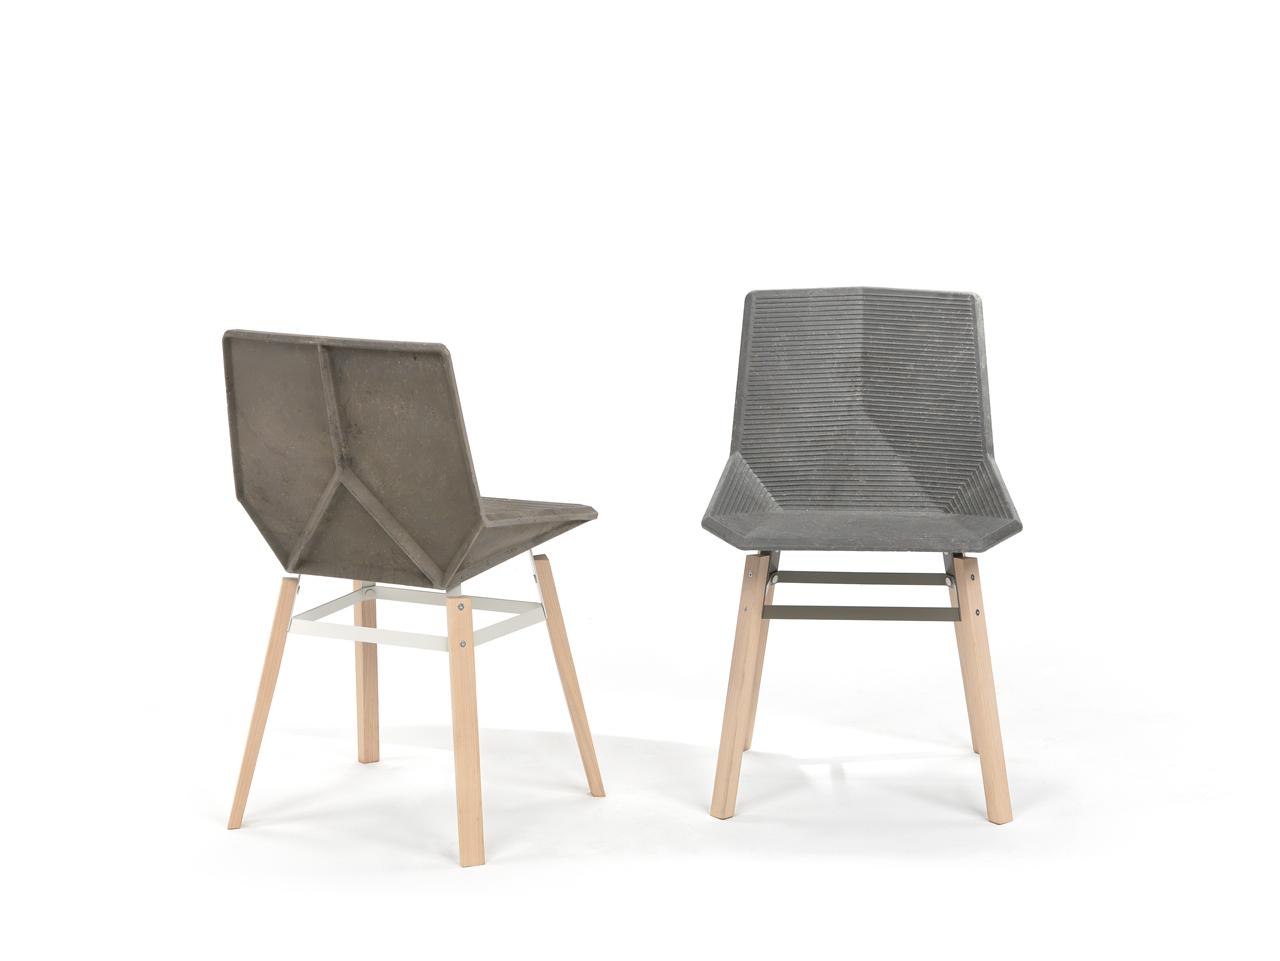 Cadeira Green / Javier Mariscal, © Cortesía de Estudio Mariscal